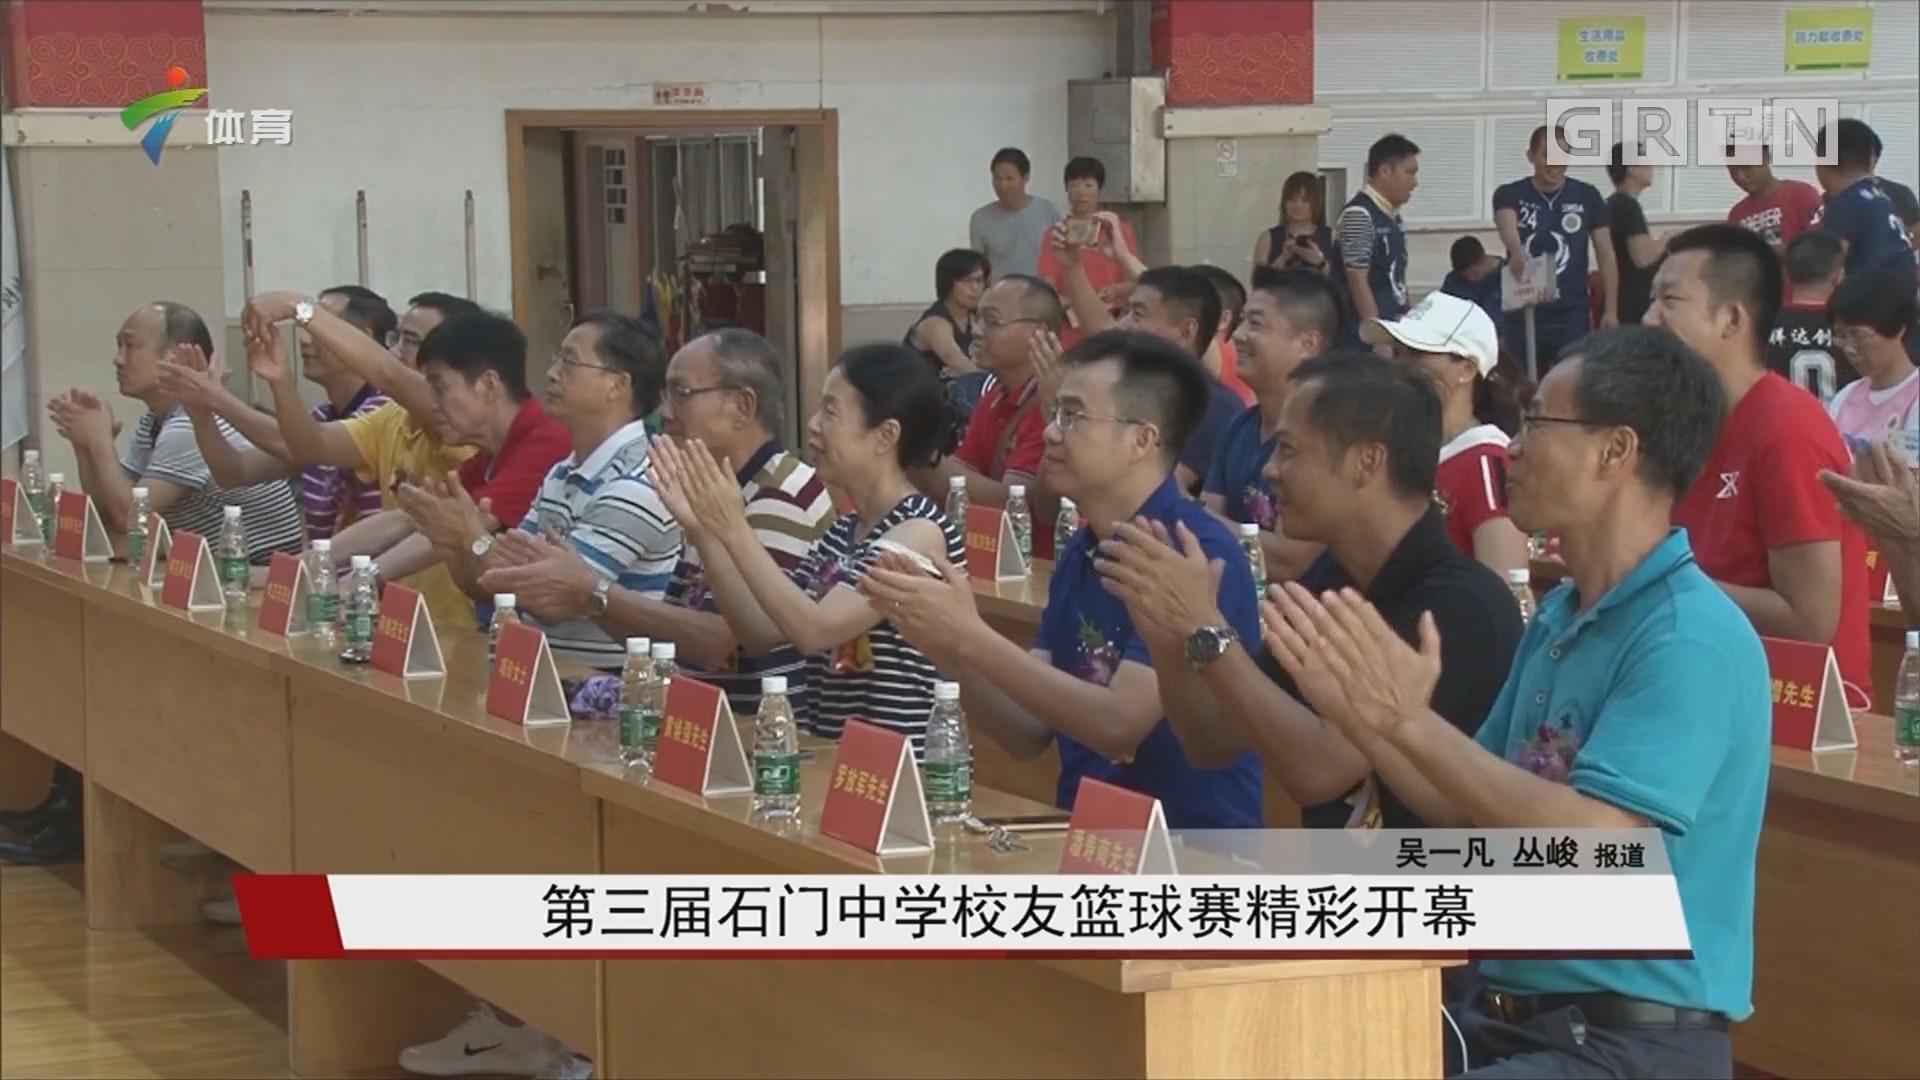 第三届石门中学校友篮球赛精彩开幕